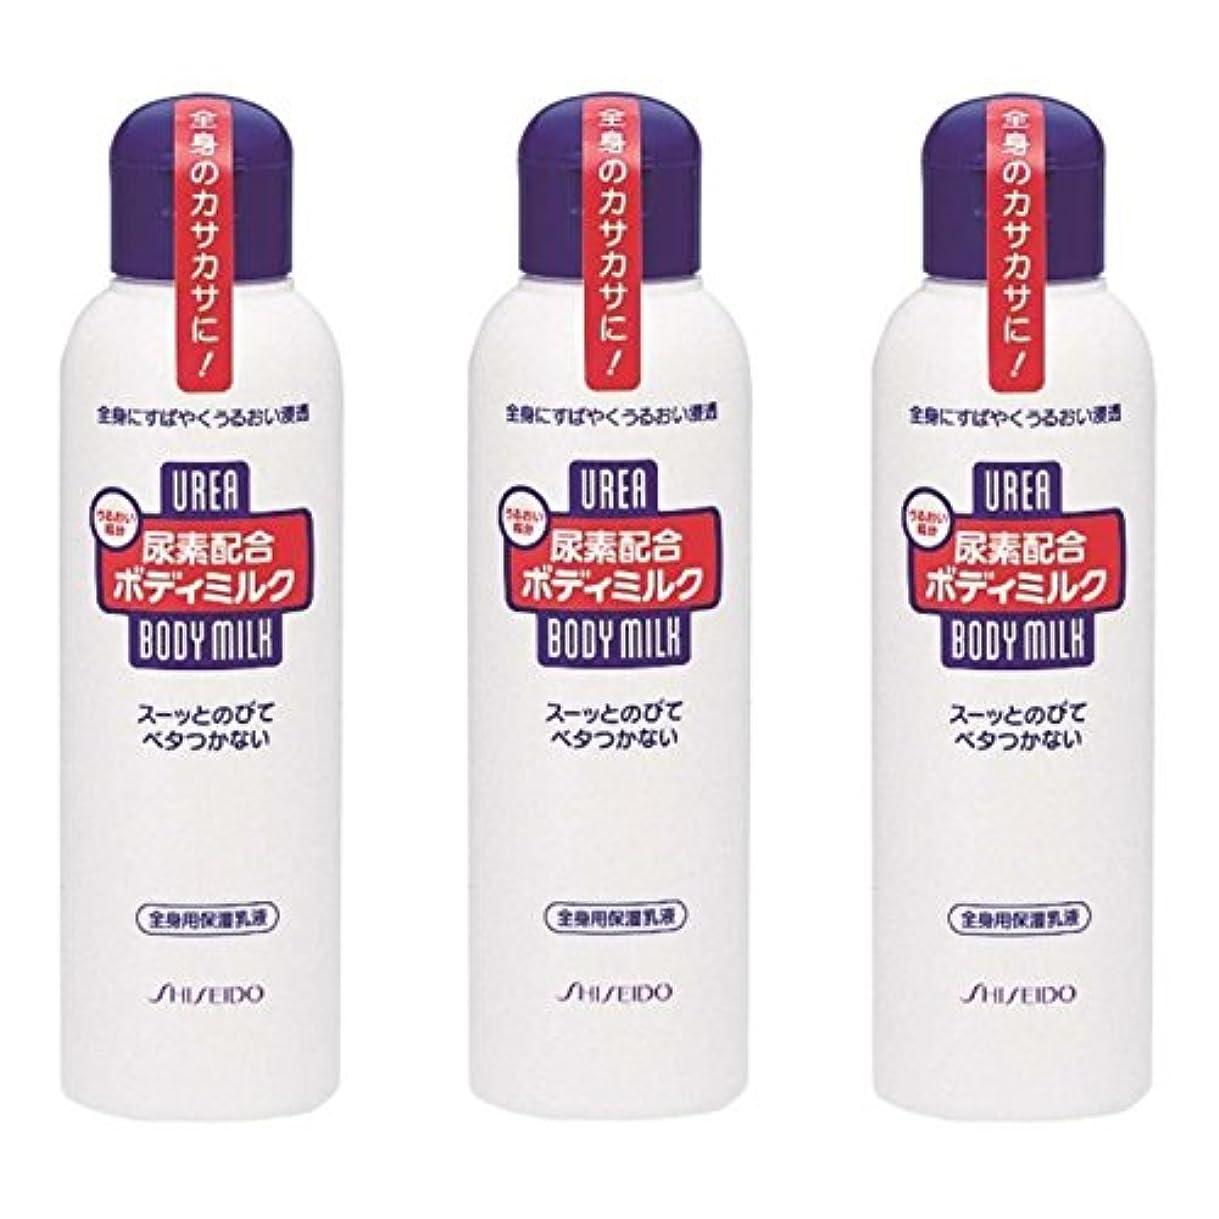 にやにや麻酔薬材料【セット品】尿素配合 ボディミルク 150ml ×3個